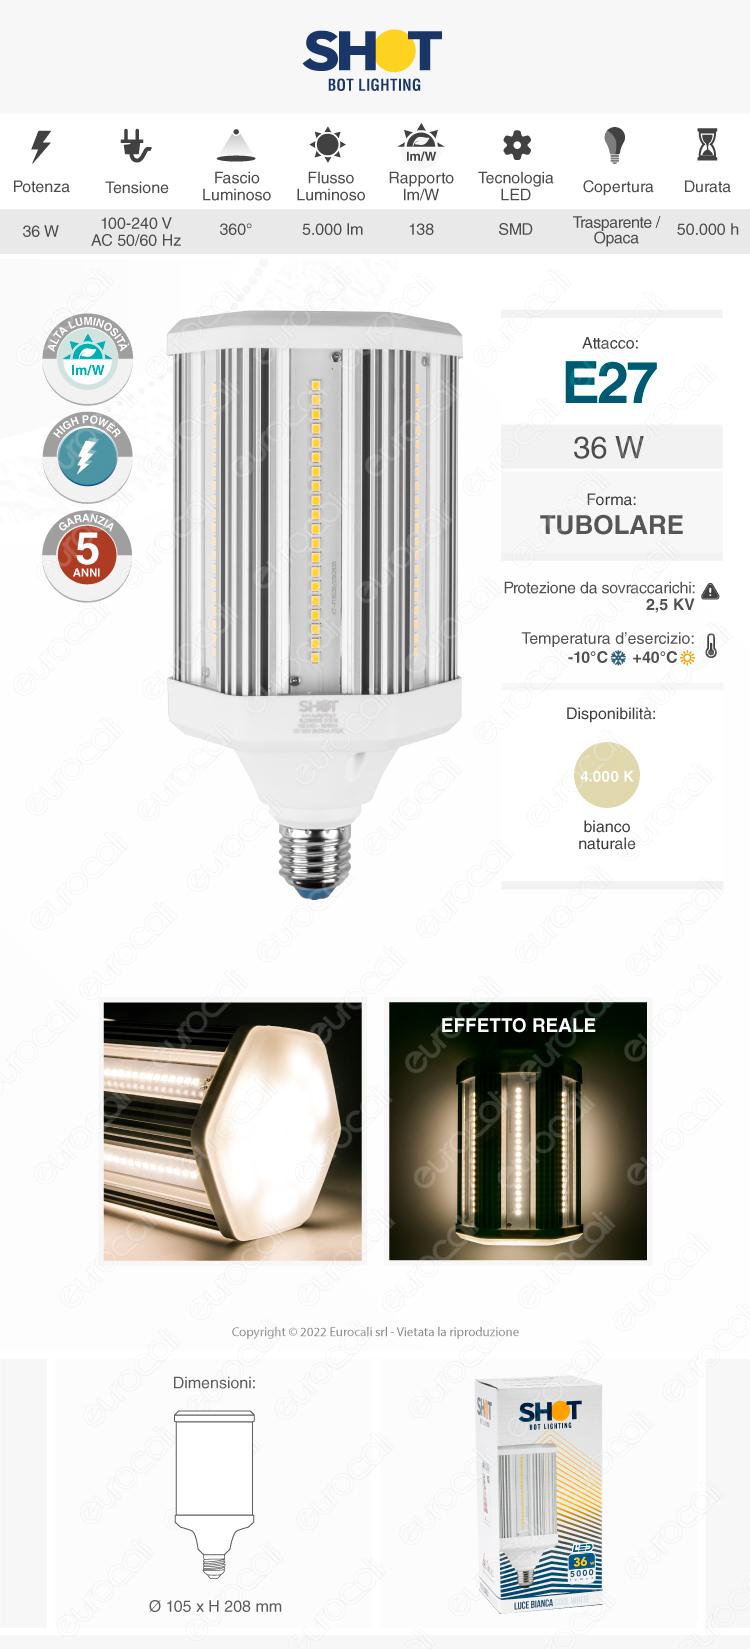 Lampadina LED E27 50W High Power Tubolare Bot Lighting